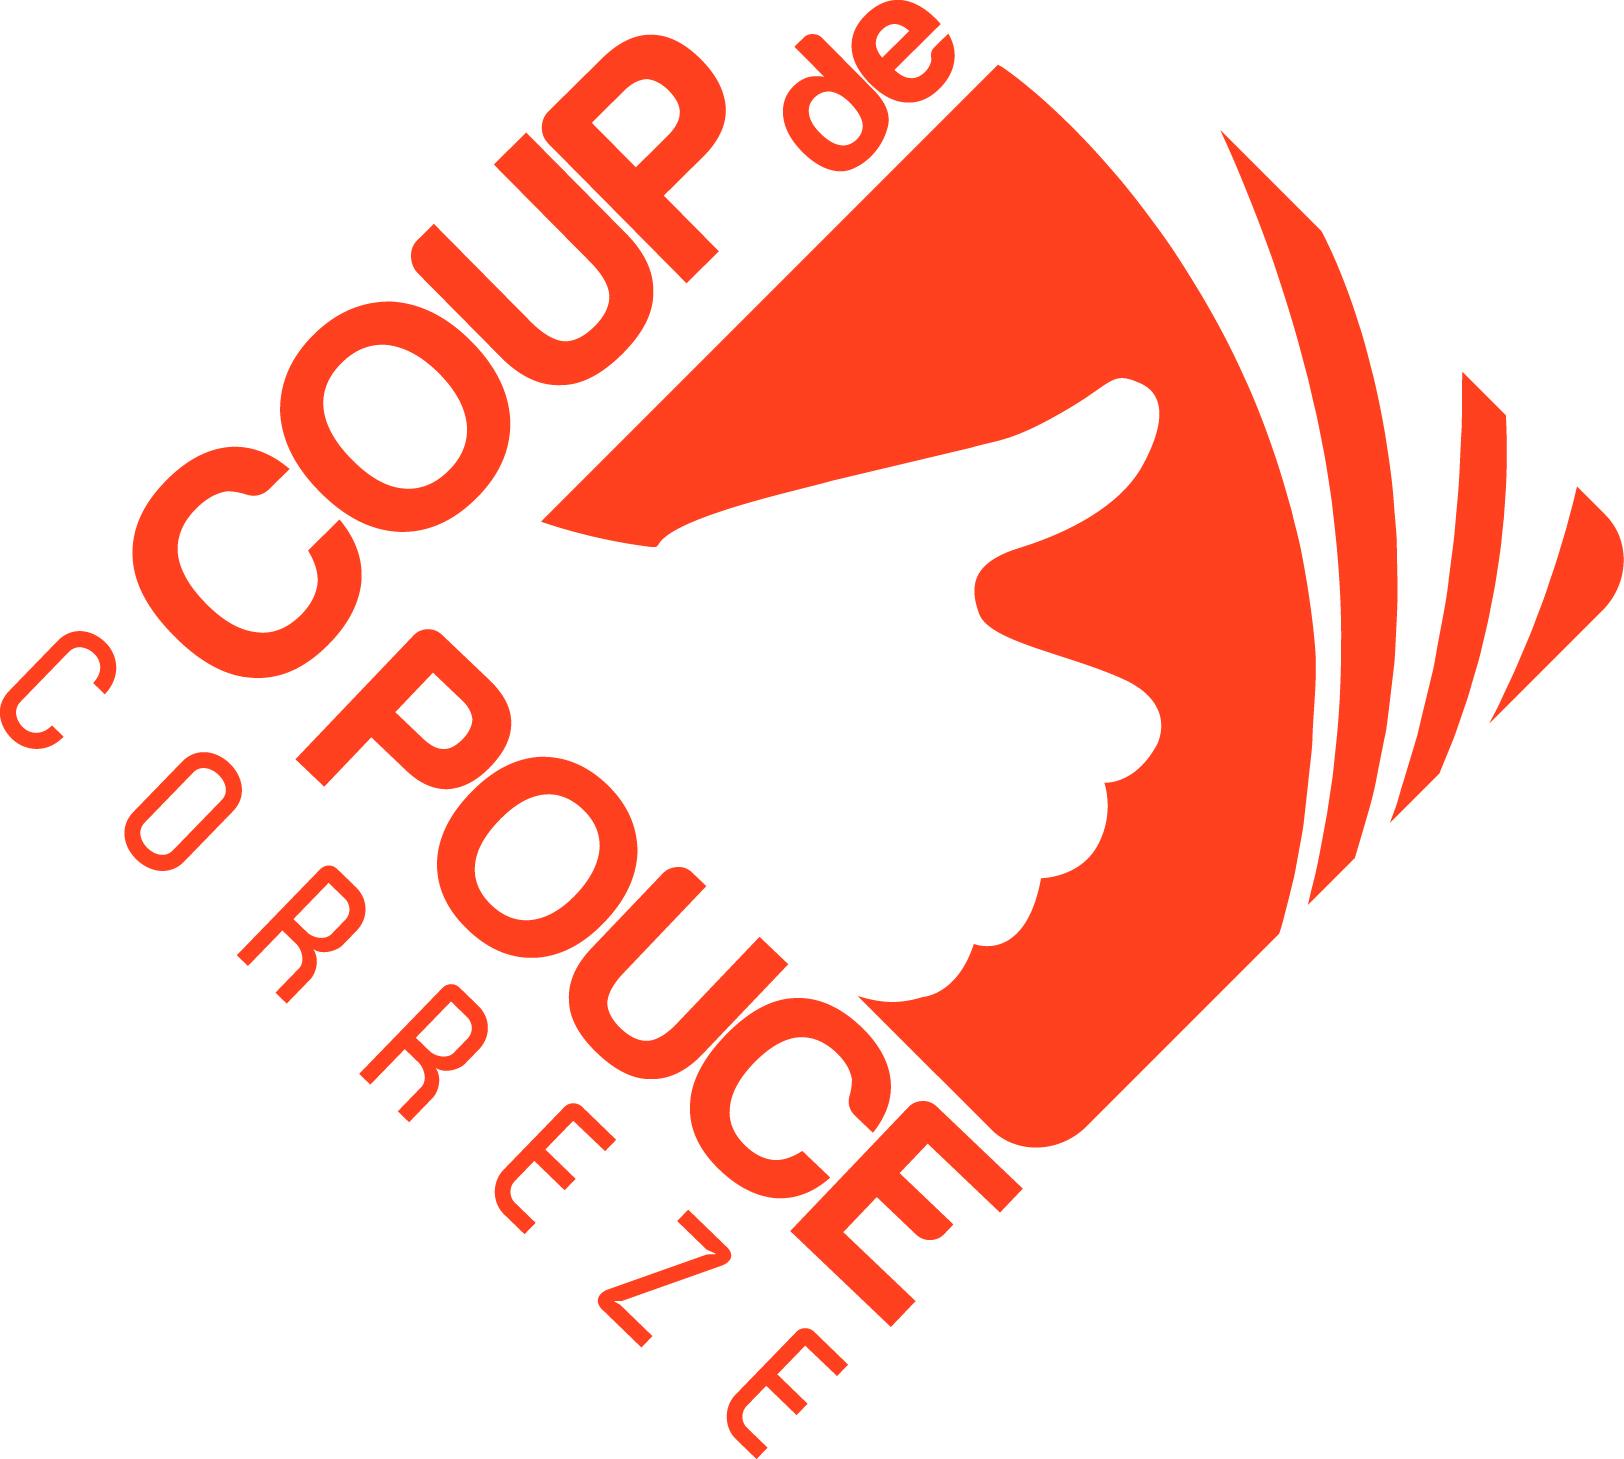 Conseil Départemental Corrèze